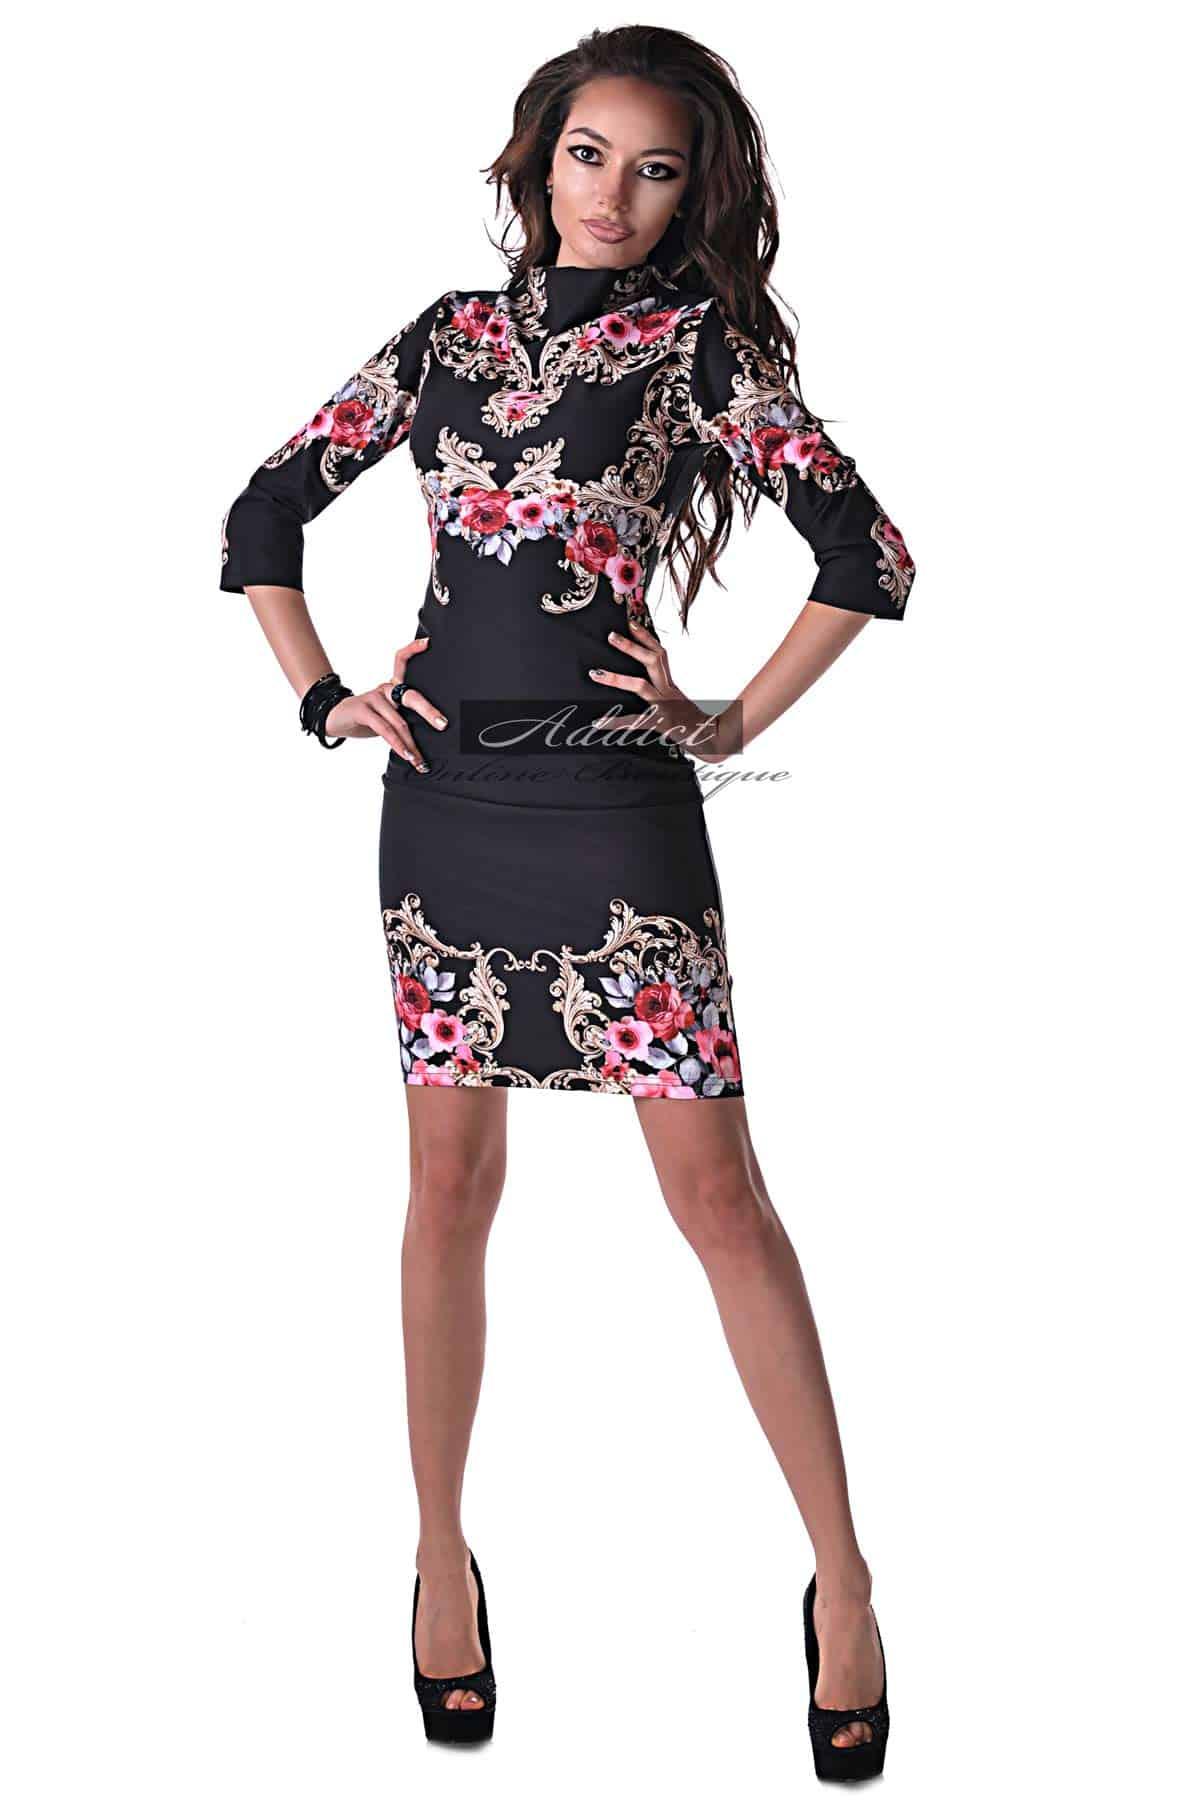 черна дизайнерска рокля на орнаменти от бутик адикт